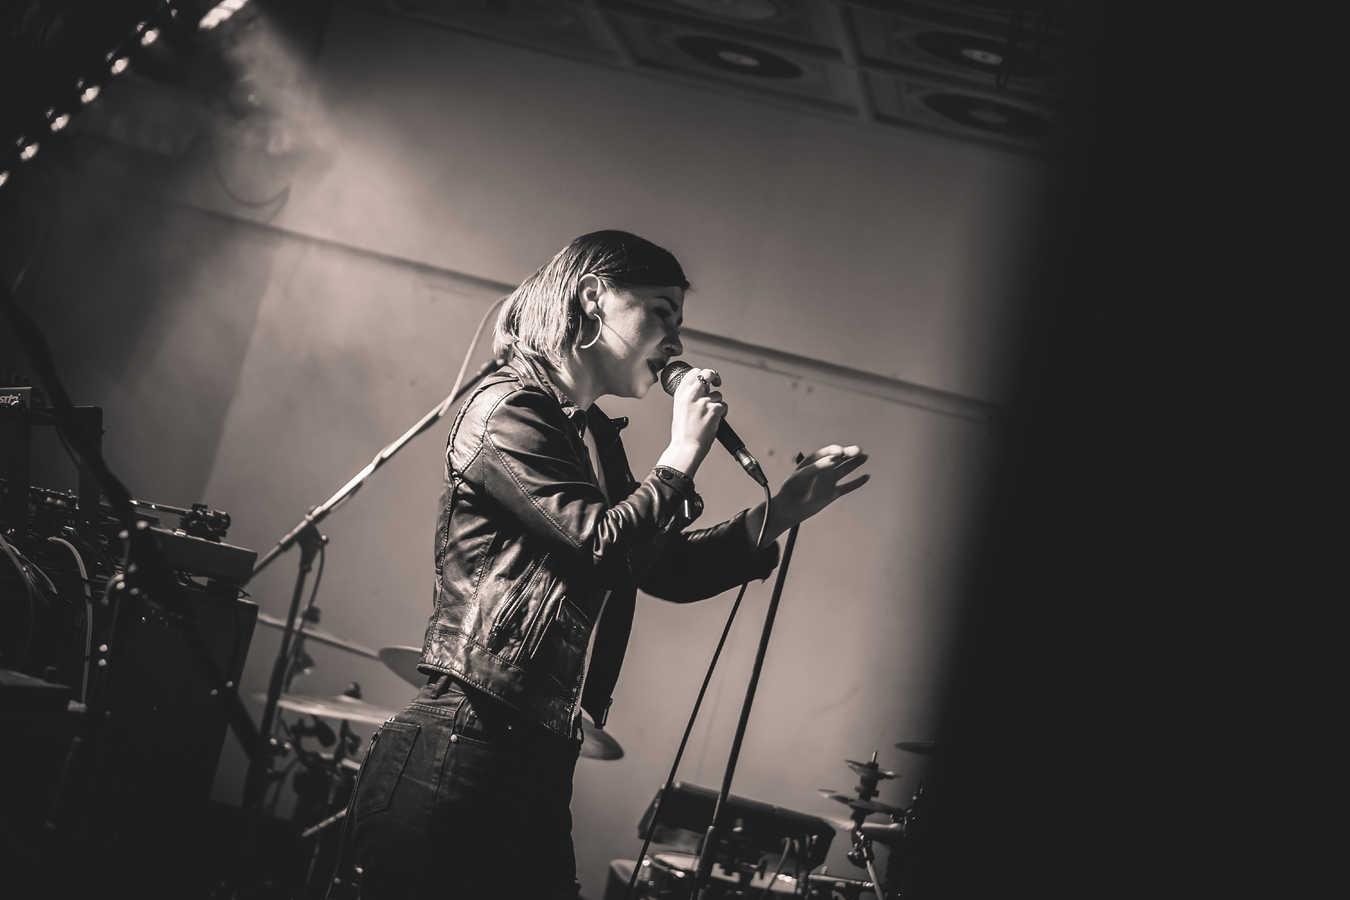 Il miglior microfono per cantare